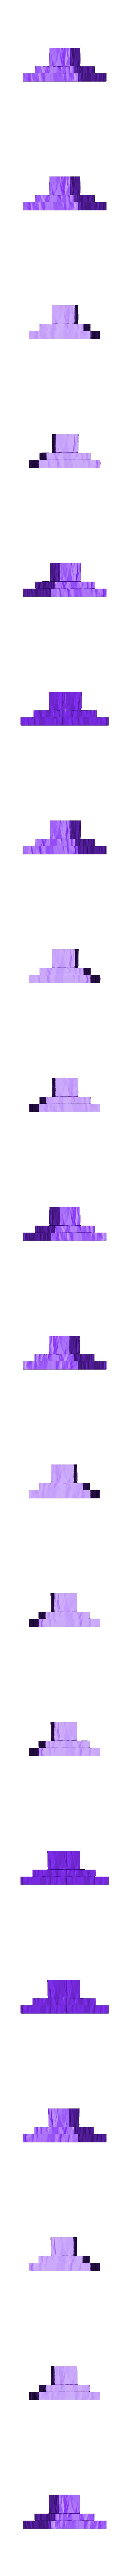 Demon Head + Base  Separate 17CM STL_SubTool2.stl Télécharger fichier OBJ Modèle d'impression 3D du buste du démon • Design imprimable en 3D, belksasar3dprint